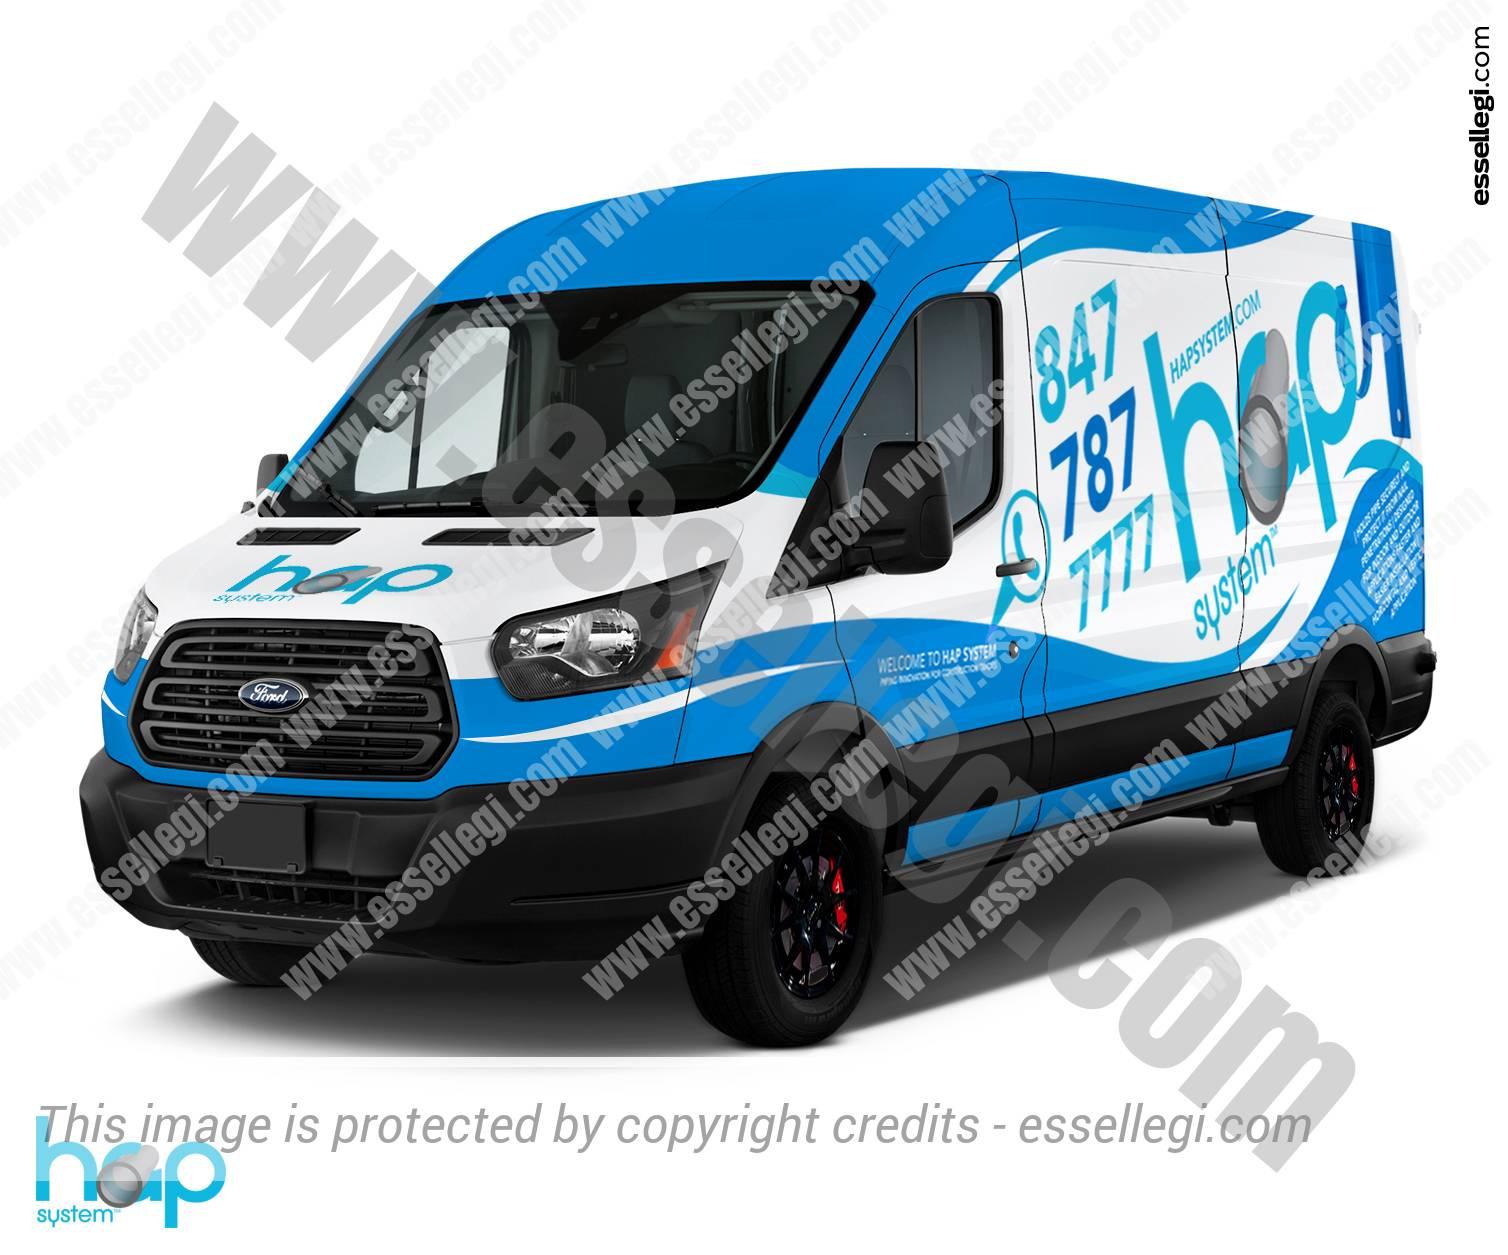 Ford Transit 350   Van Wrap Design by Essellegi. Van Signs, Van Signage, Van Wrapping, Van Signwriting, Van Wrap Designer, Signs for Van, Van Logo by Essellegi.